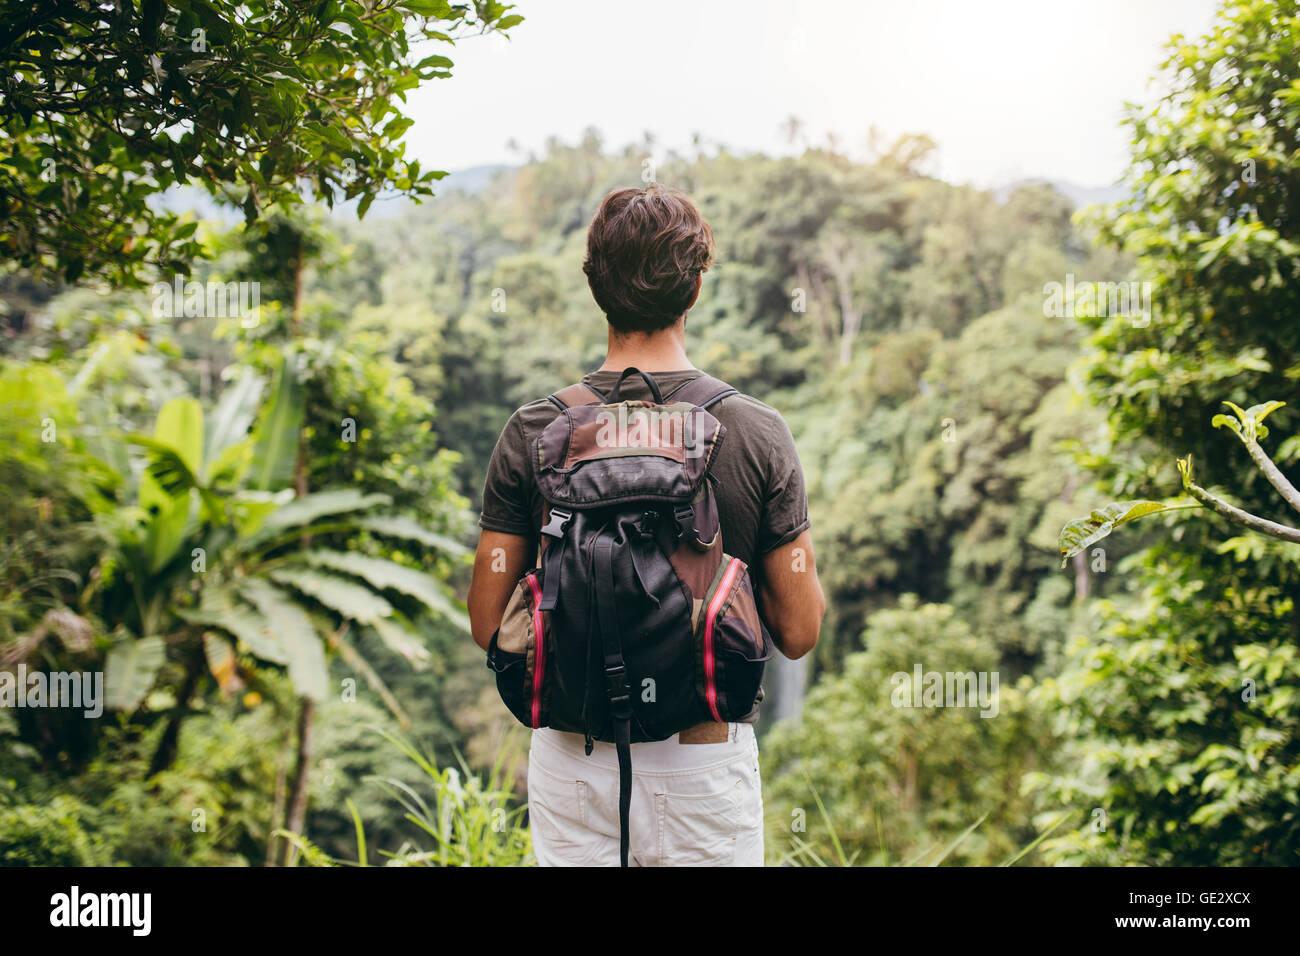 Vista trasera del hombre mirando la cascada. Excursionista macho en el bosque permanente y ver la cascada. Imagen De Stock